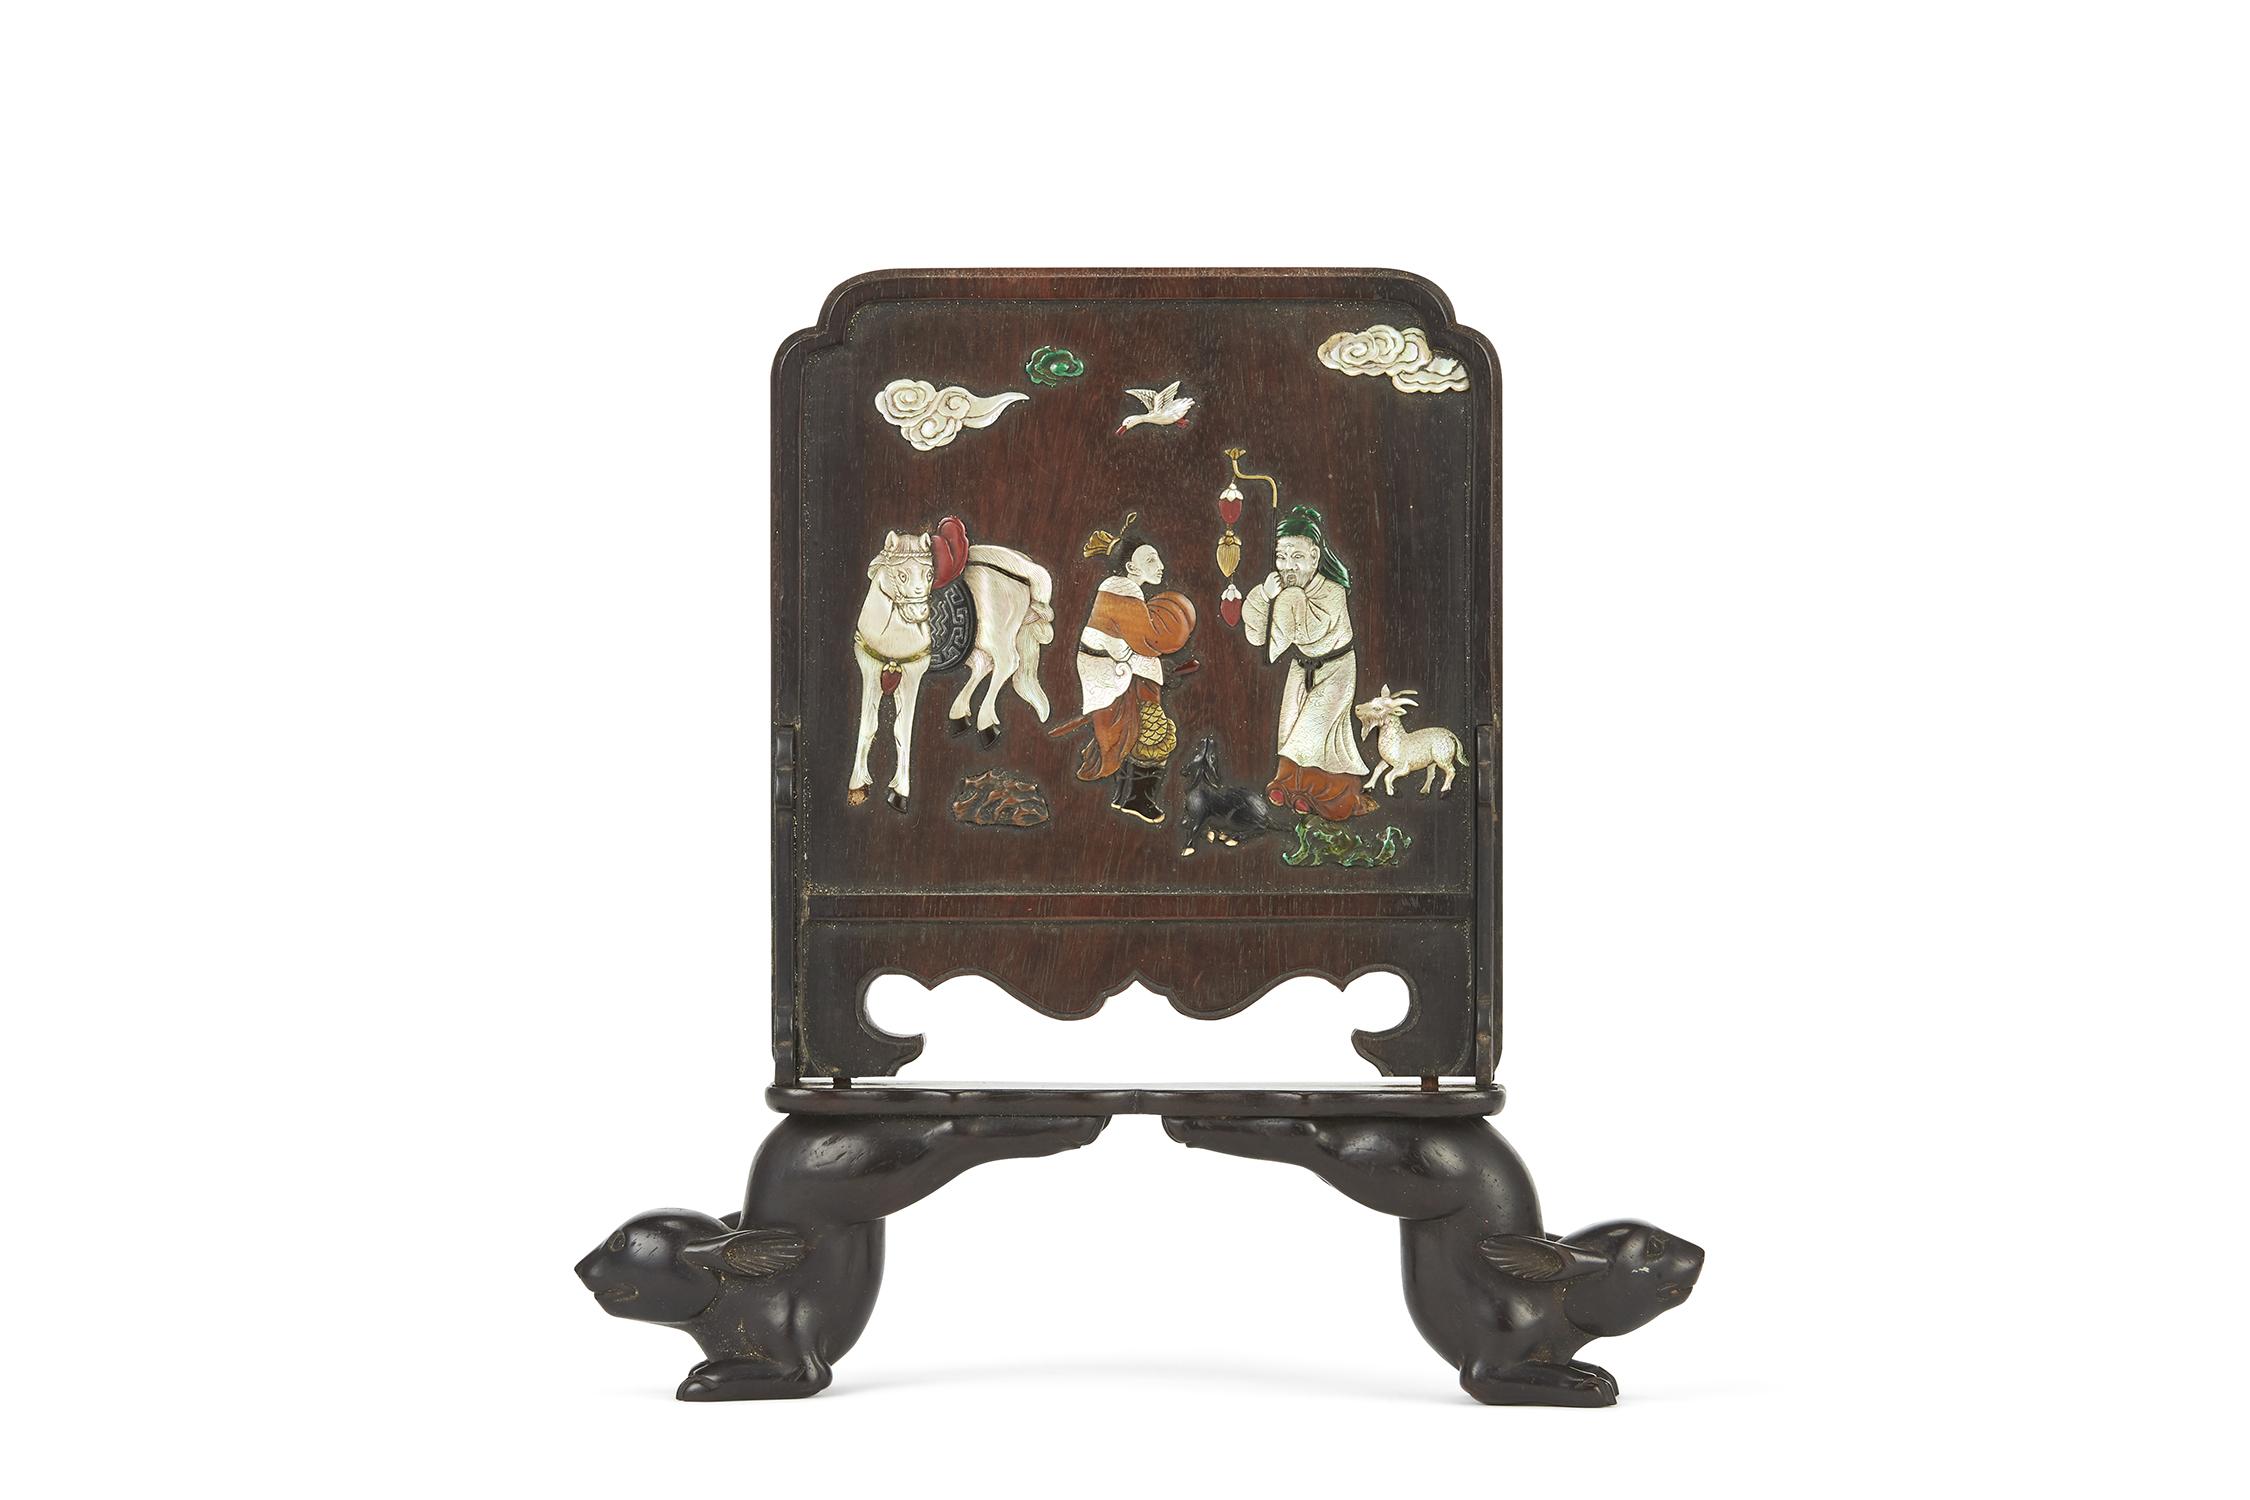 170152明 紫檀嵌百寶 人物紋 硯屏